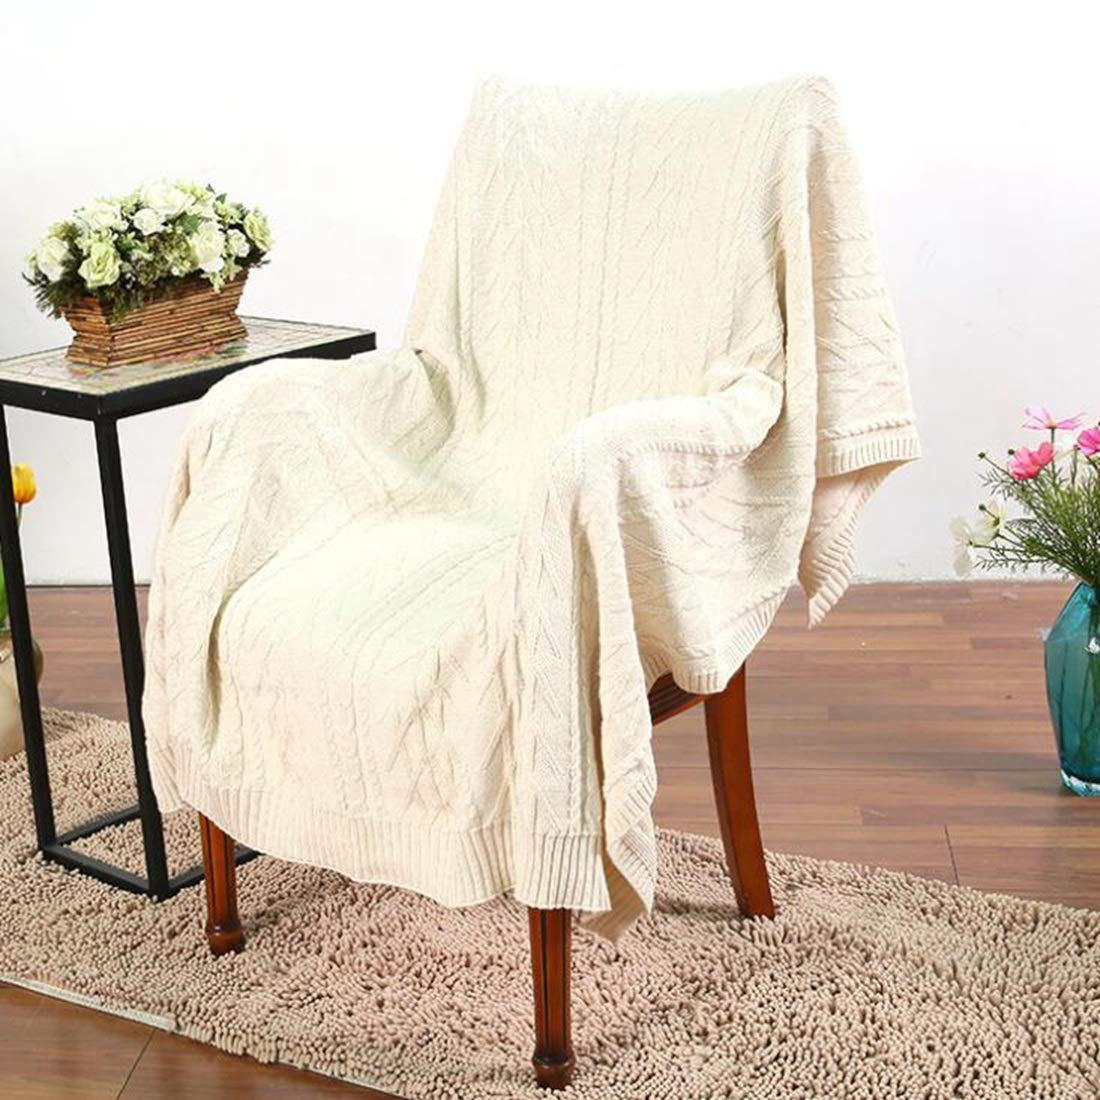 ニットシェパスローブランケットグレーニットシェルパの素朴な家のインテリア寝具ブランケット (Color : Beige, サイズ : 71